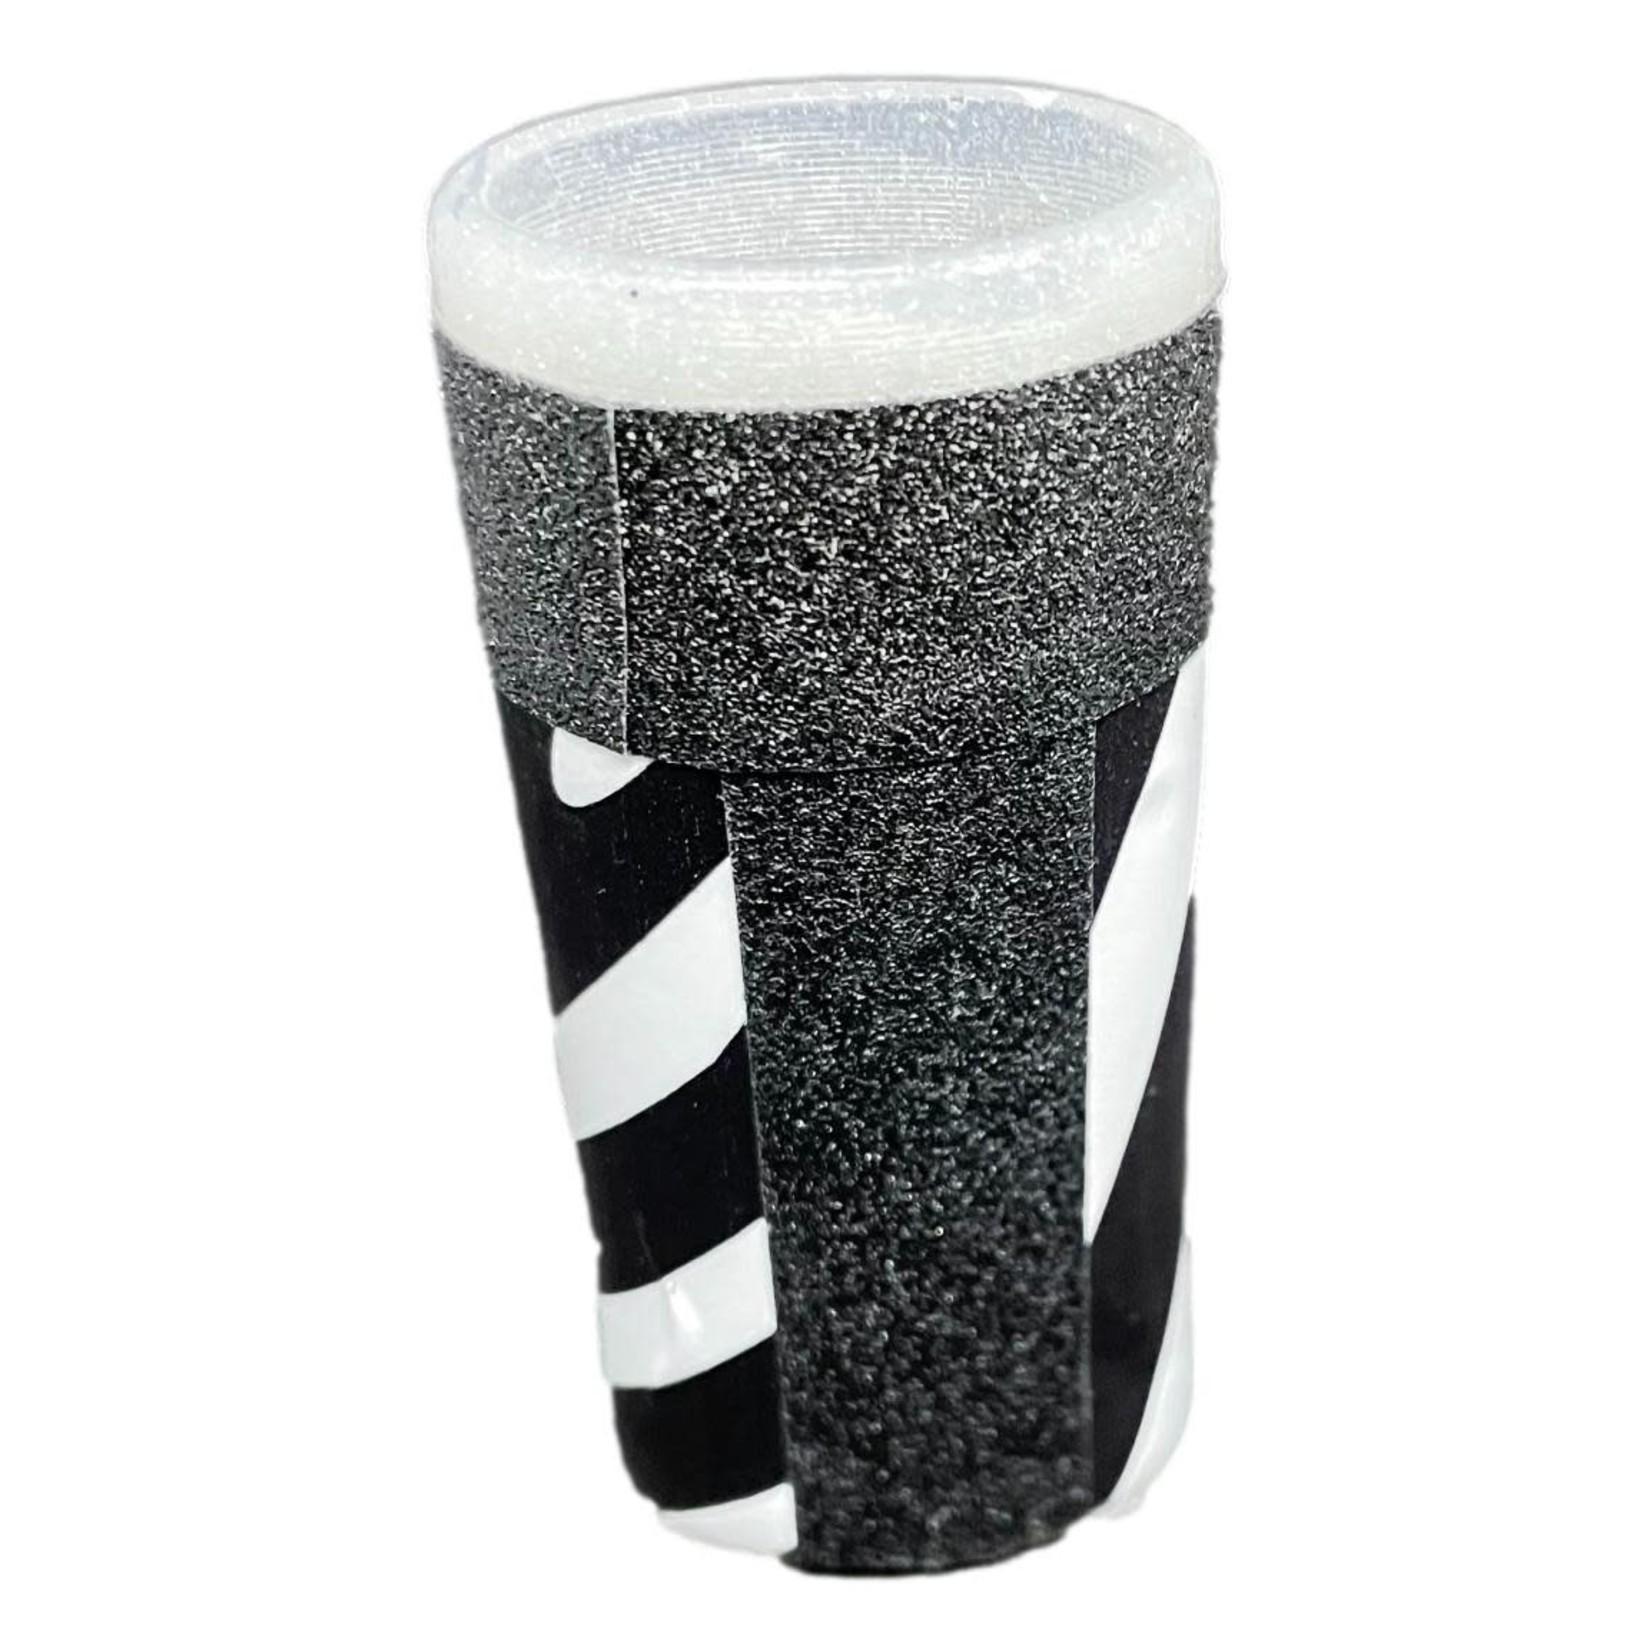 East Coast Sirens Black & White Stripe Lighter Case (Small)